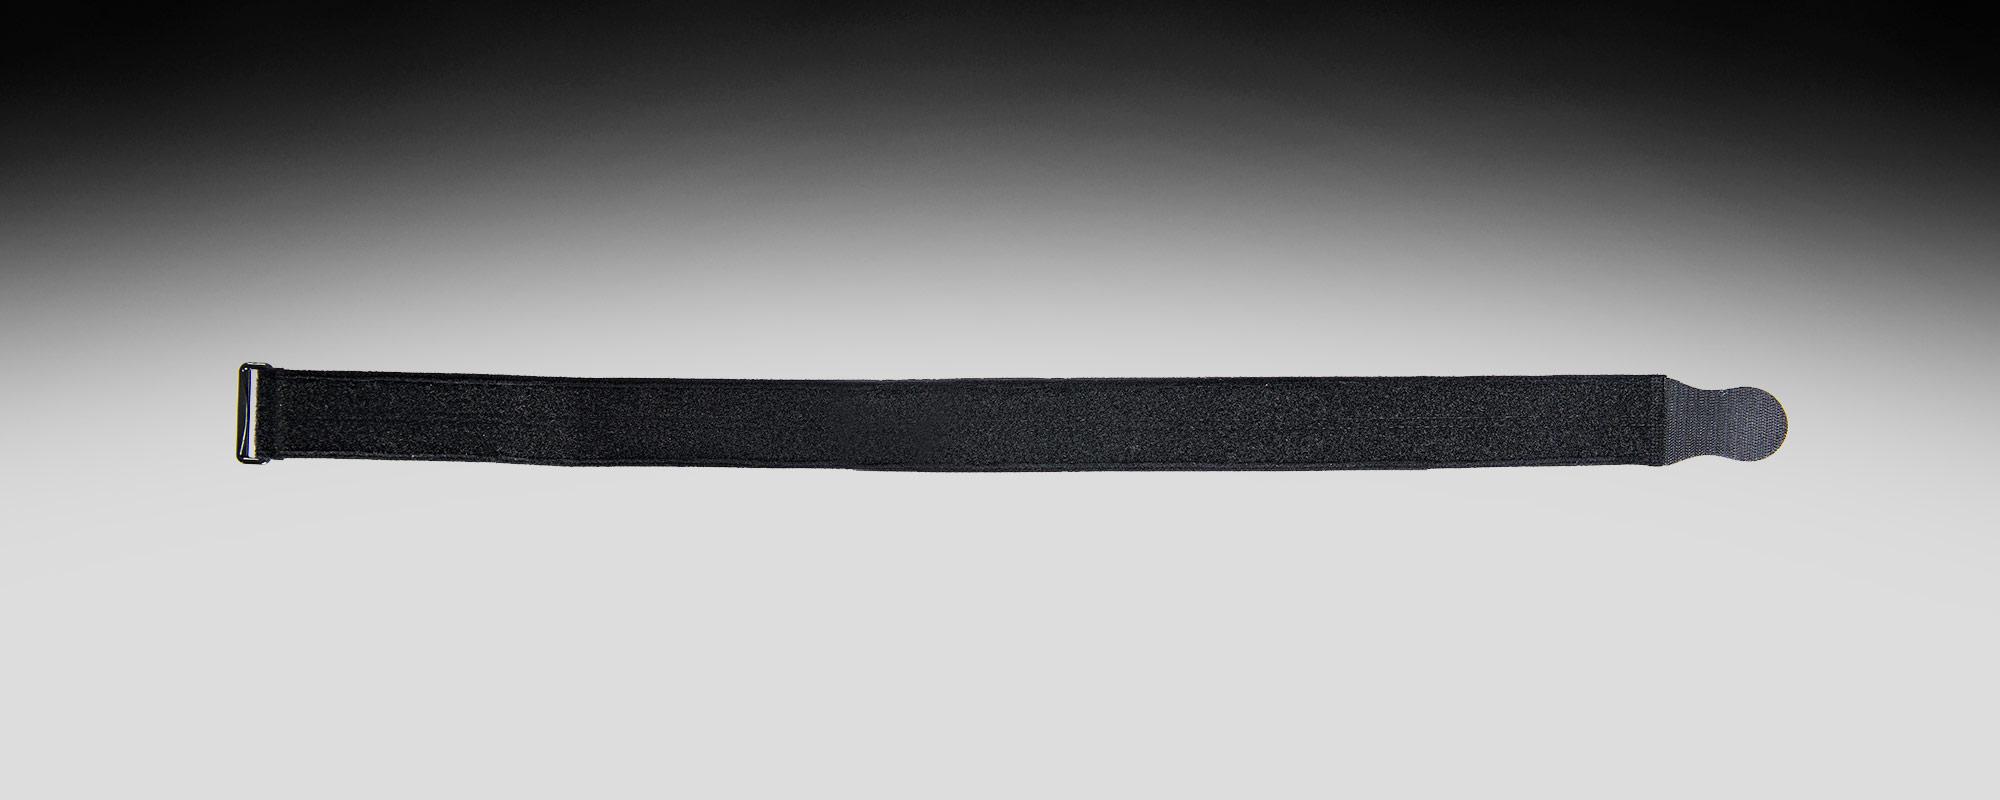 Non-elastic stabilizing belt